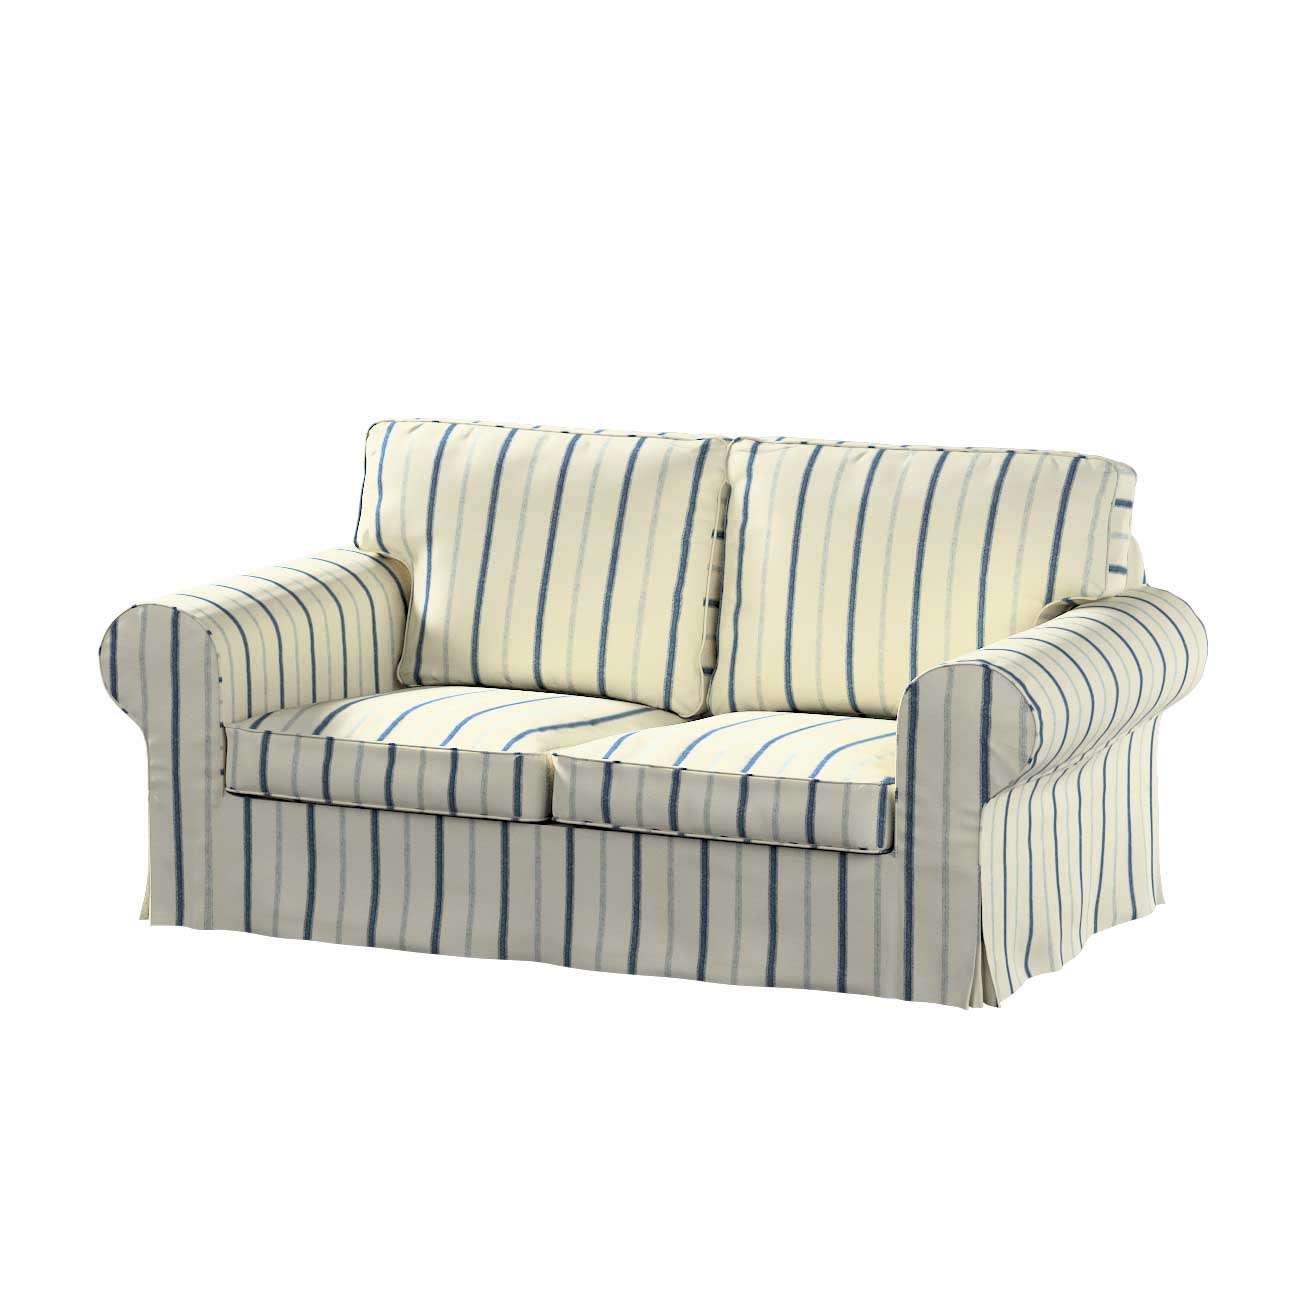 Pokrowiec na sofę Ektorp 2-osobową, rozkładaną STARY MODEL Sofa Ektorp 2-osobowa rozkładana w kolekcji Avinon, tkanina: 129-66